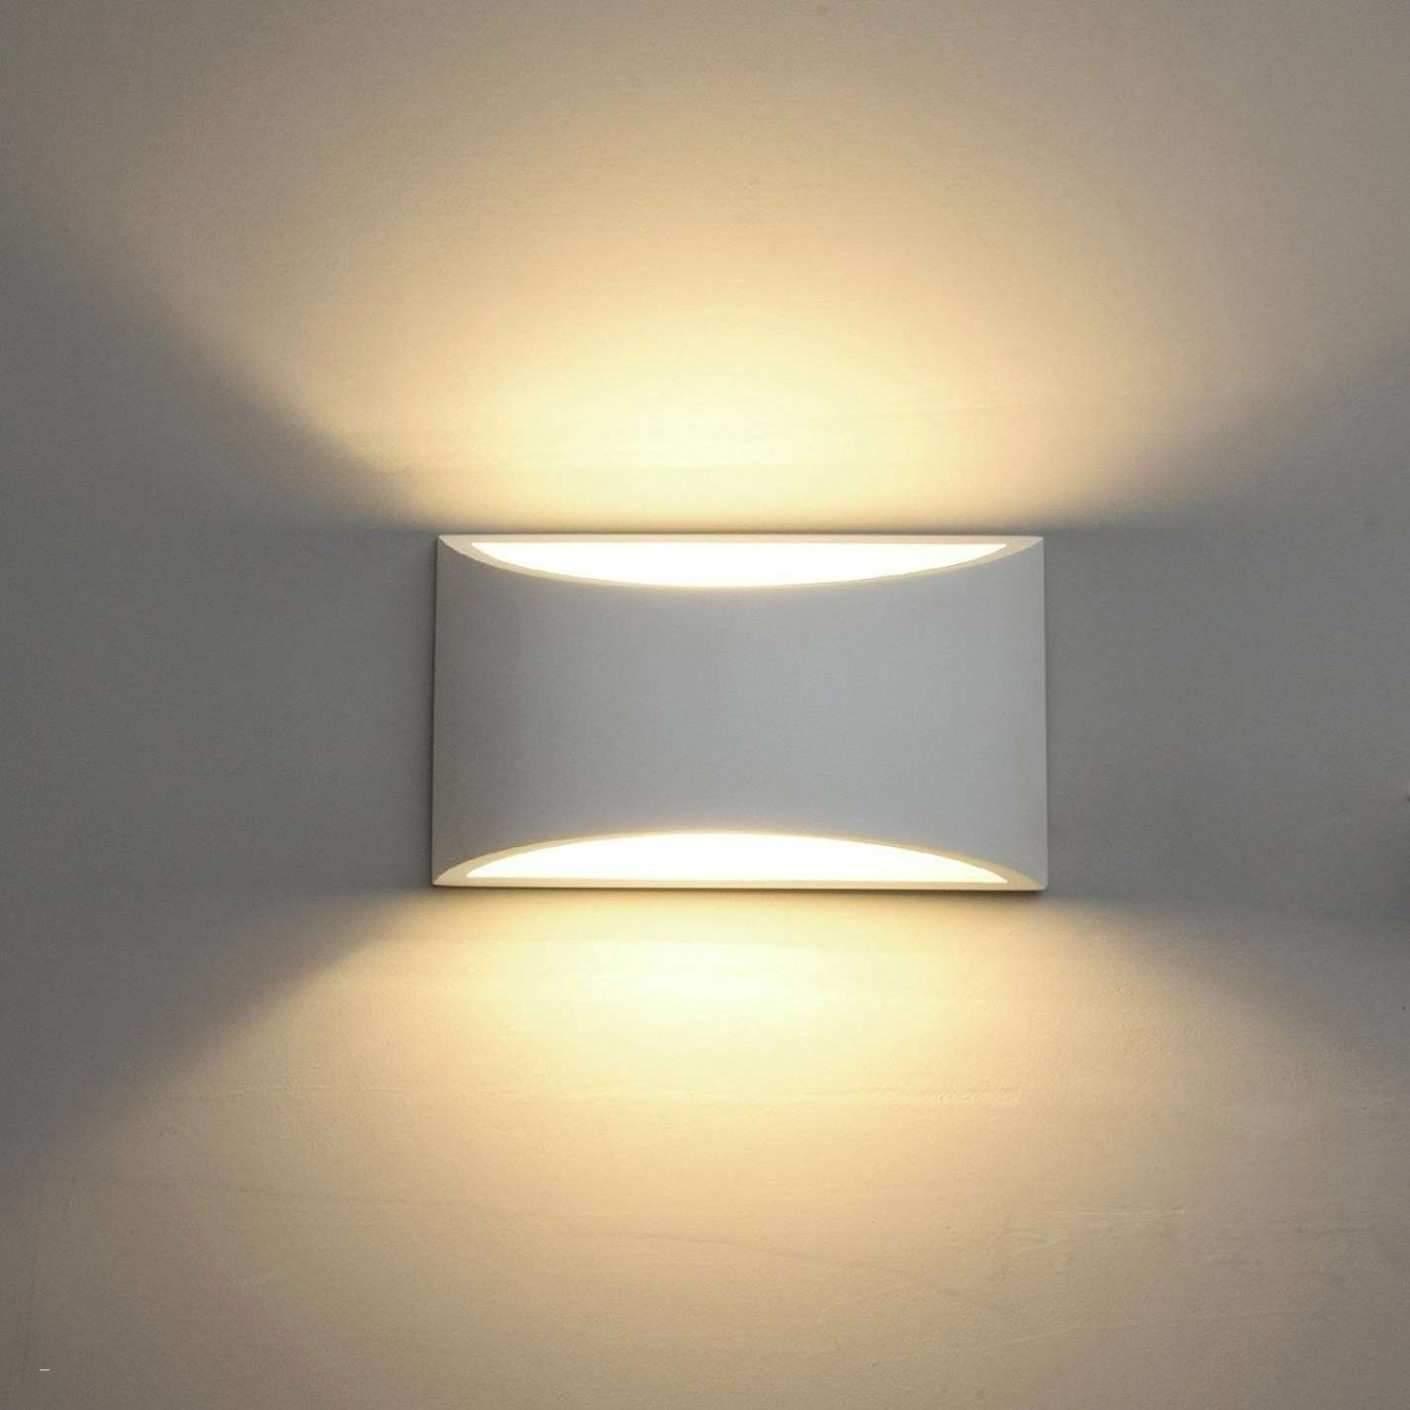 Garten Led Luxus 34 Luxus Deckenlampe Wohnzimmer Led Elegant